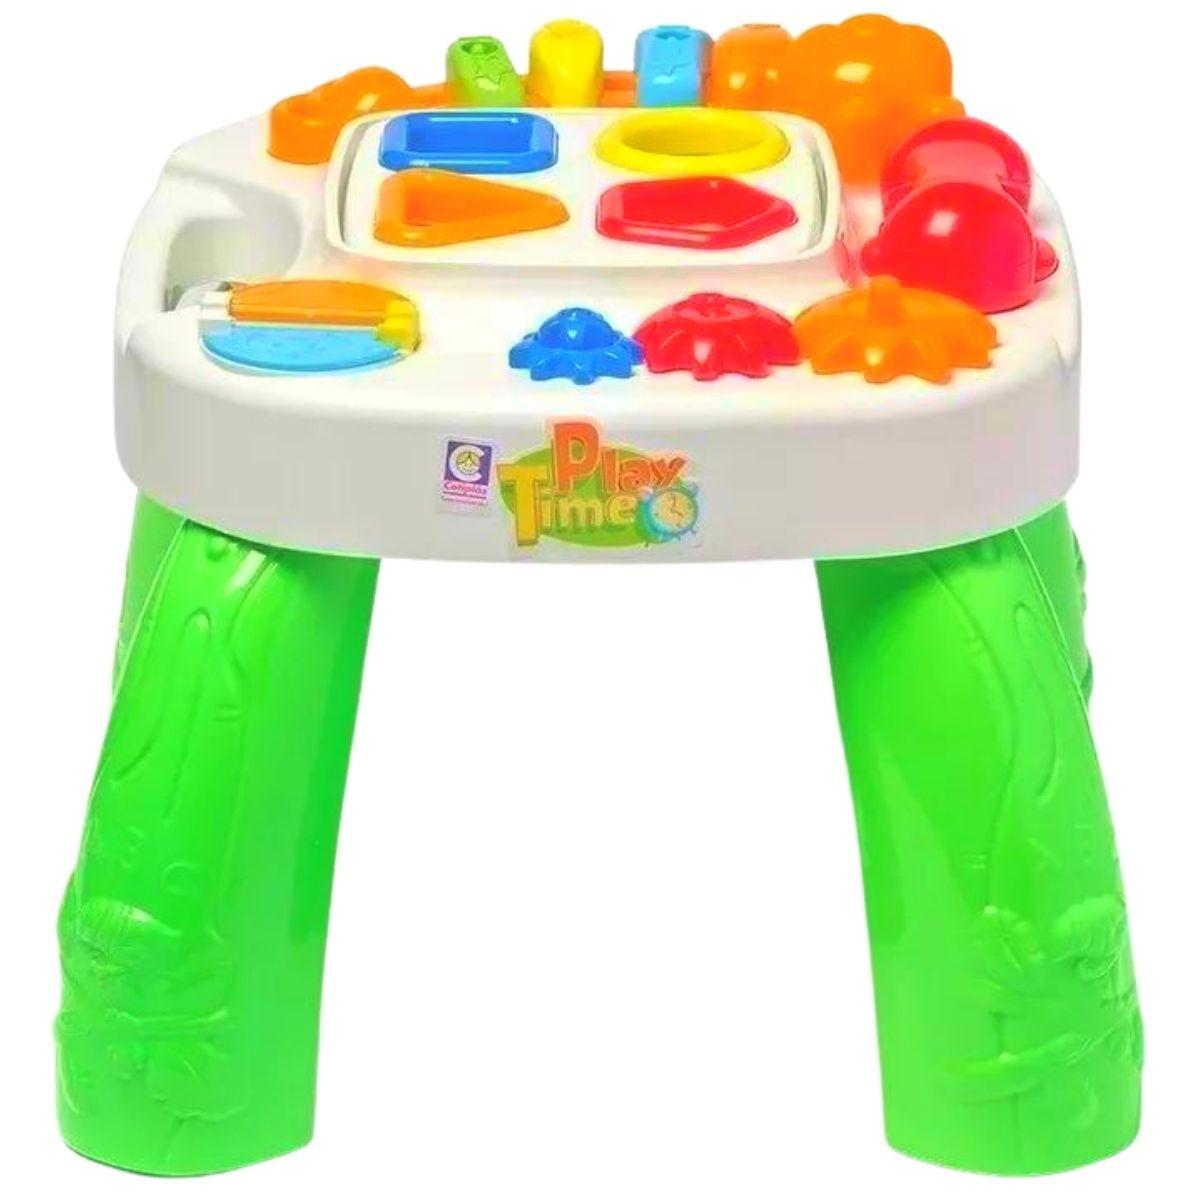 Brinquedo Educativo Playtime Cotiplás Mesinha C/ Atividades